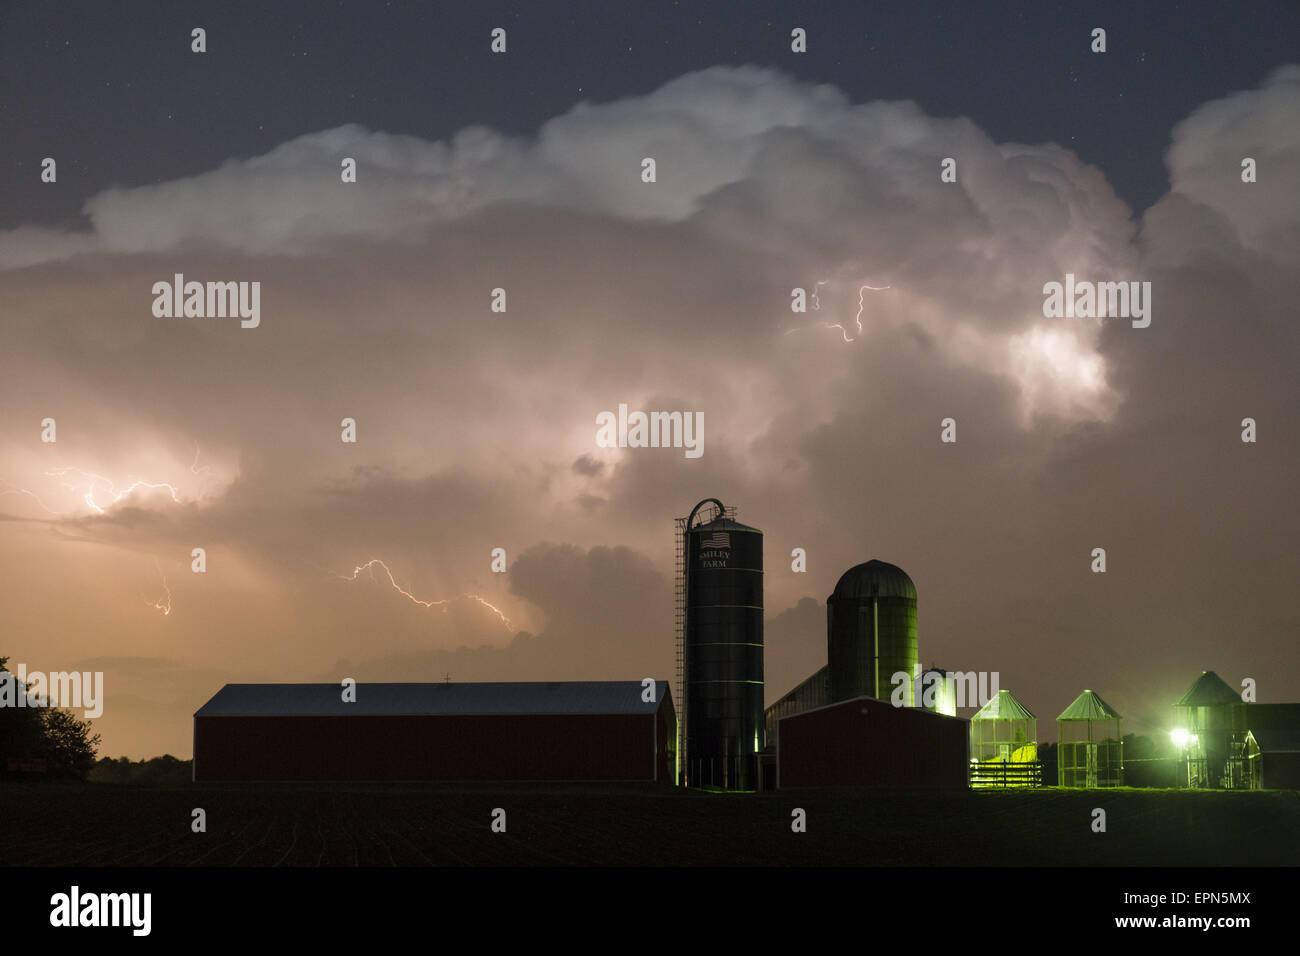 Ville de Wallkill, N.Y, USA. 19 mai, 2015. Éclairs dans les nuages au-dessus de la grange et silos d'une Photo Stock